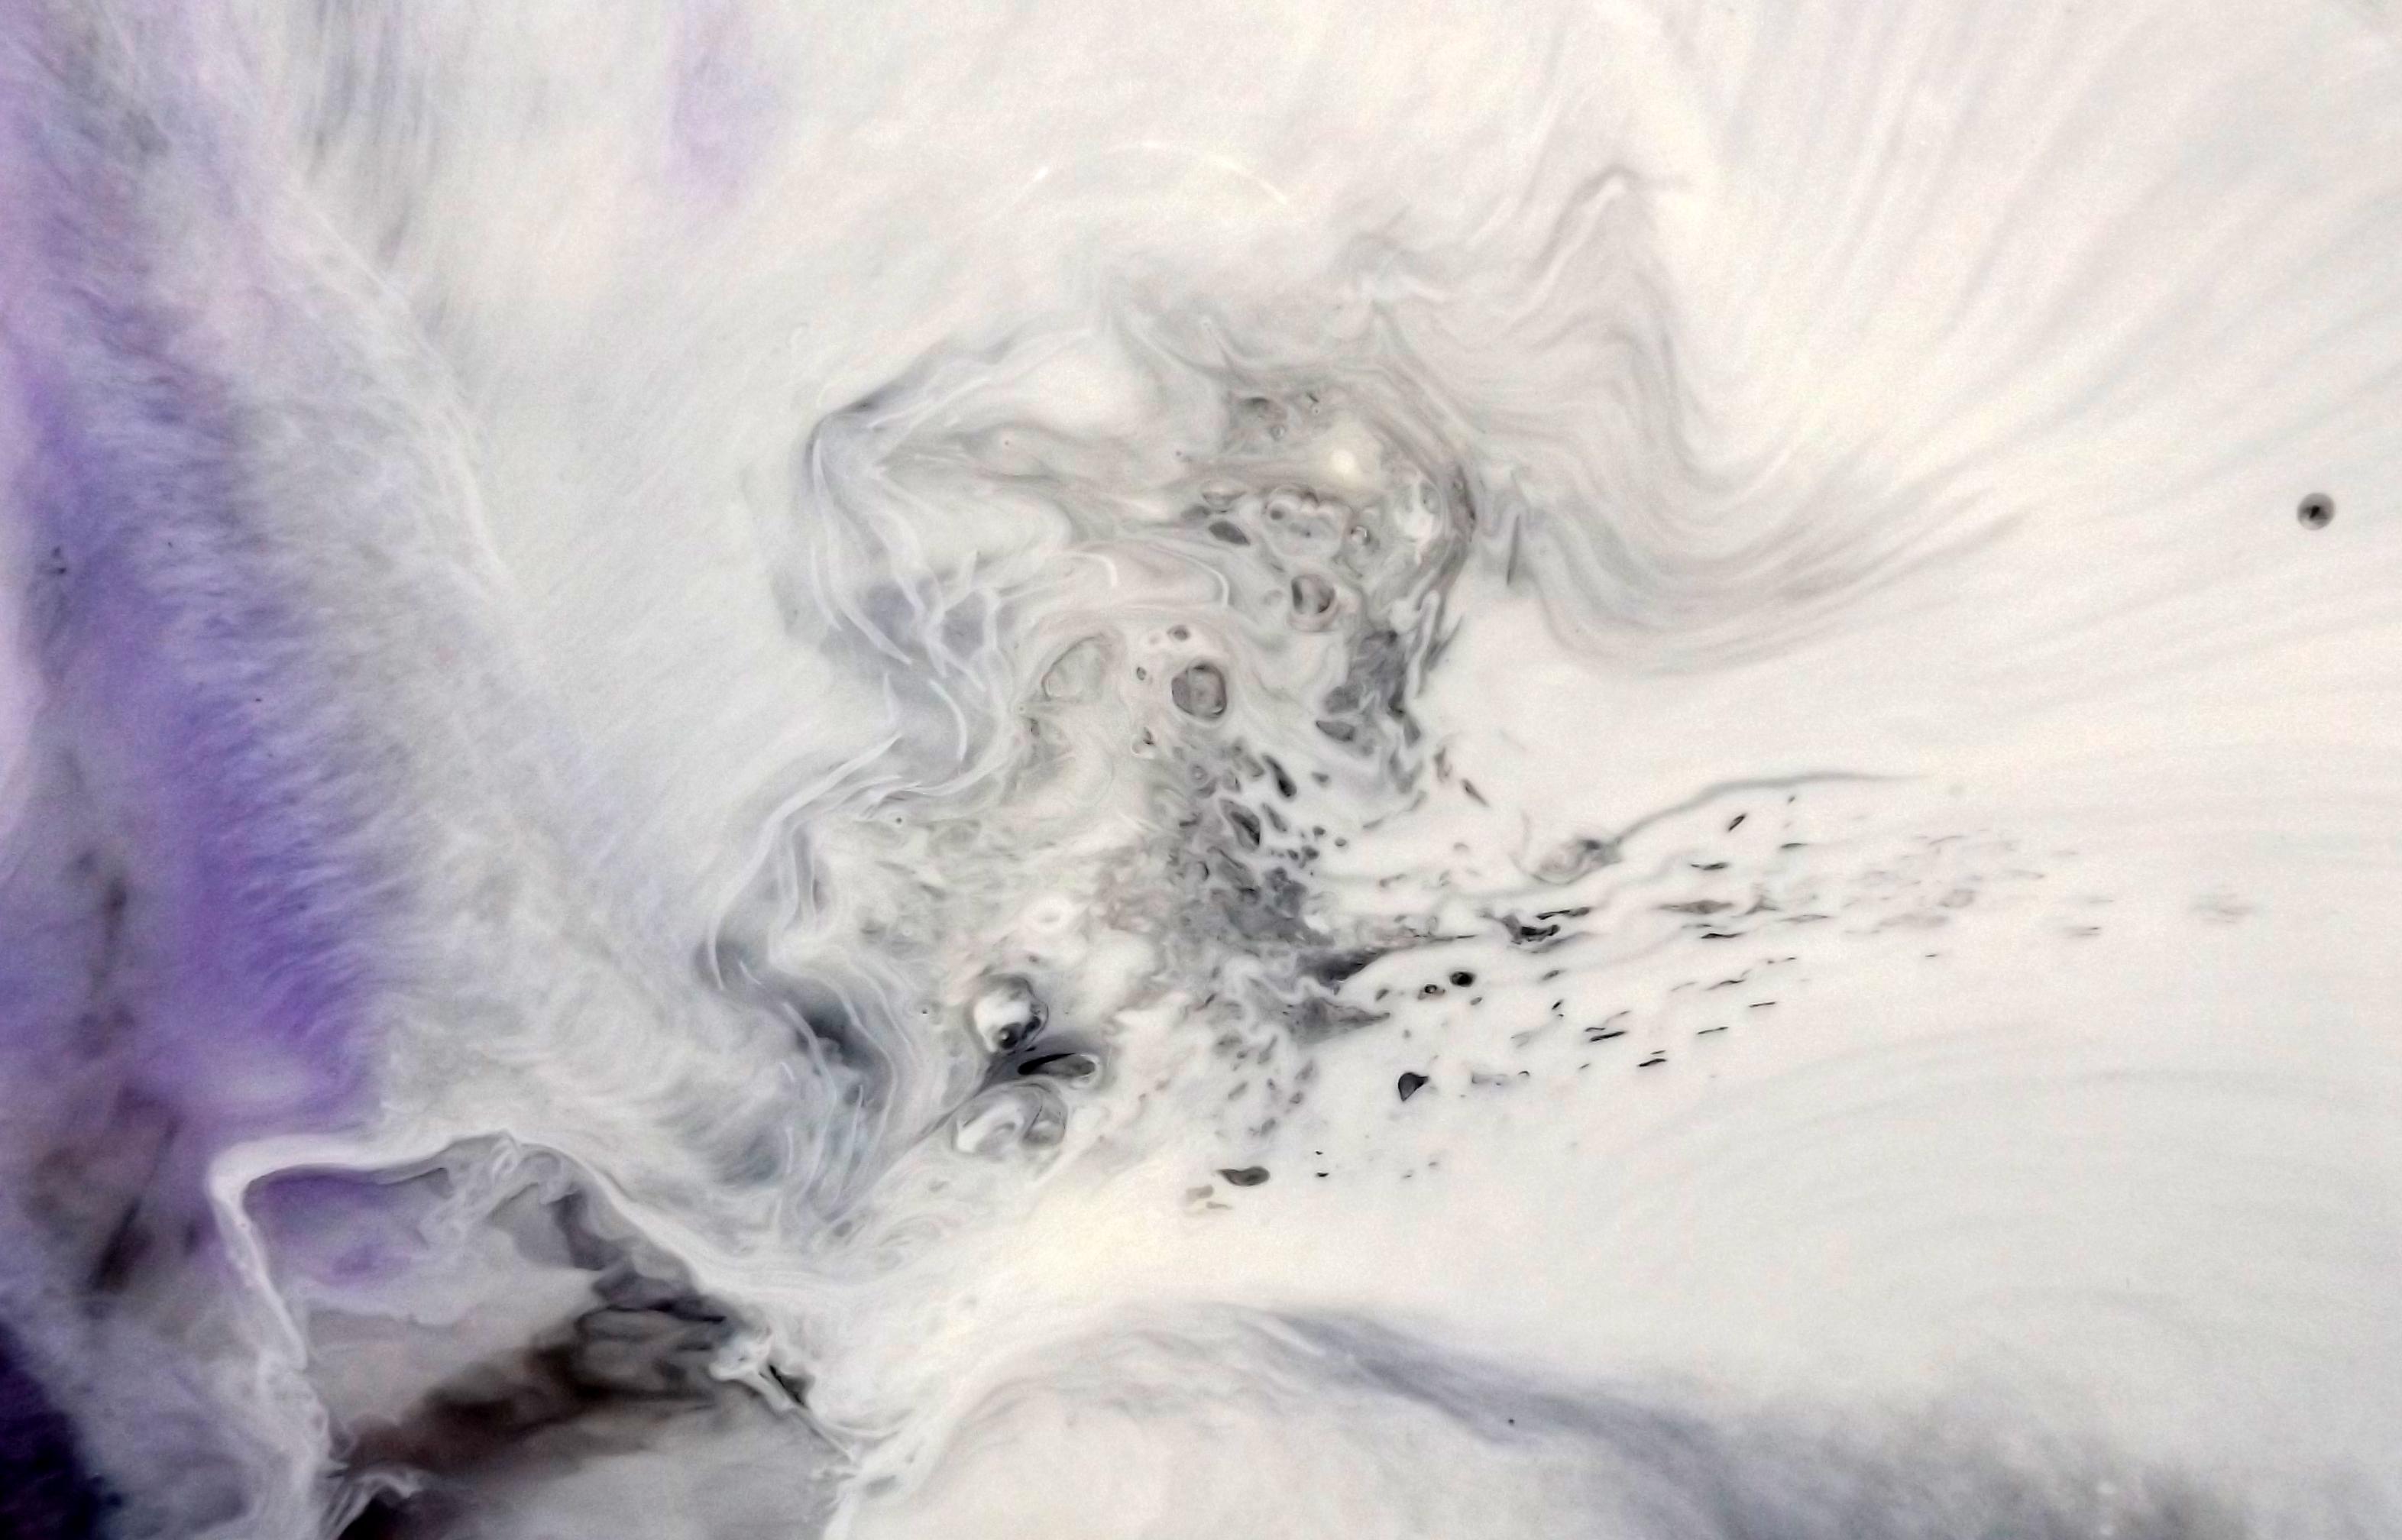 Particle Storm